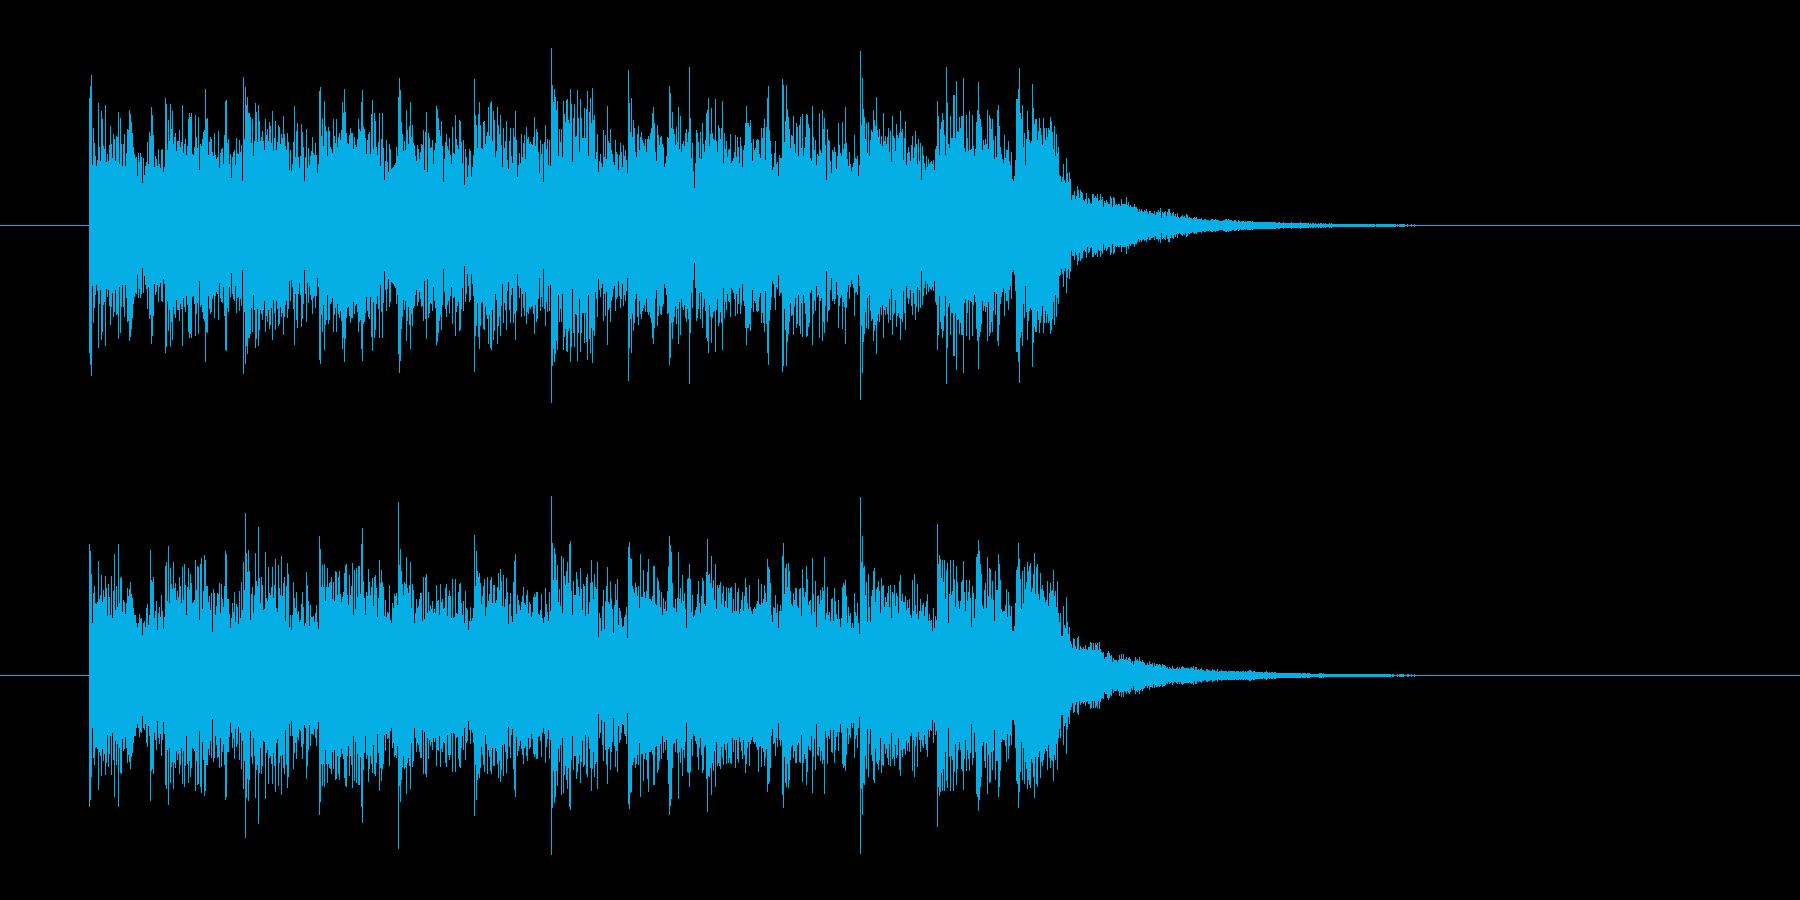 ライブを締めくくる最高潮な音楽の再生済みの波形